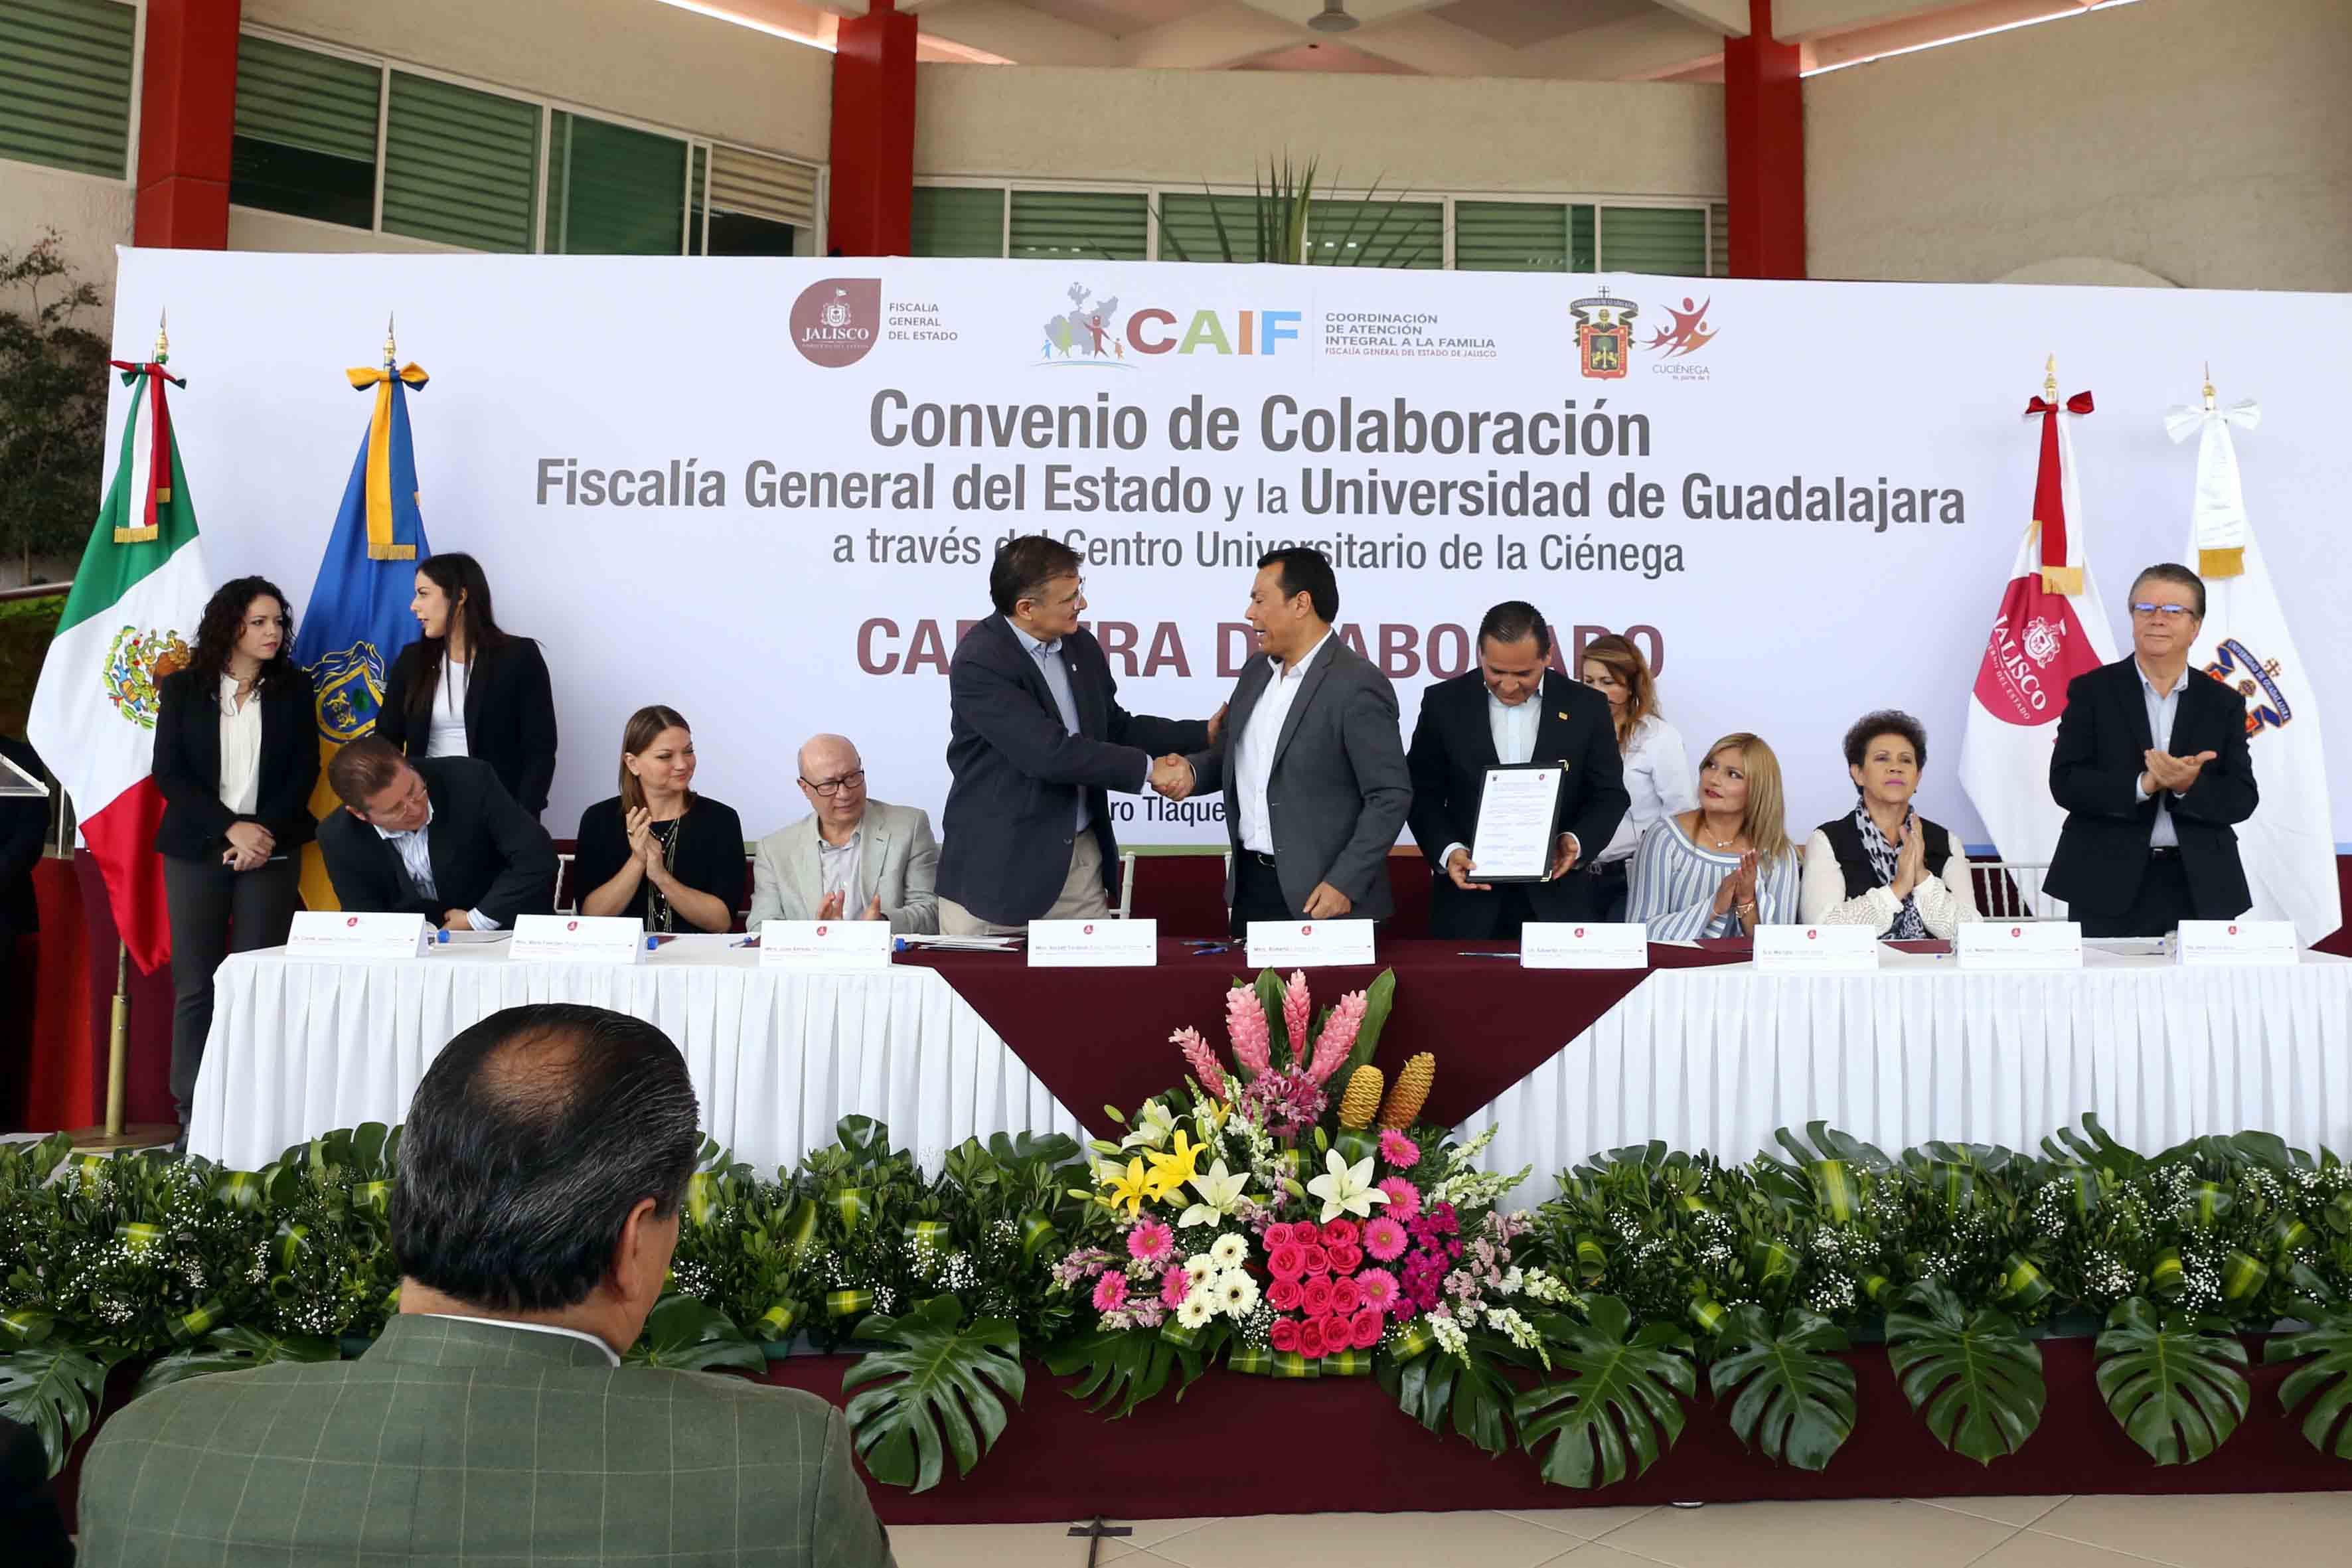 Rector General de la UdeG, maestro Itzcóatl Tonatiuh Bravo Padilla y el Secretario General de Gobierno, maestro Roberto López Lara en firma de convenio